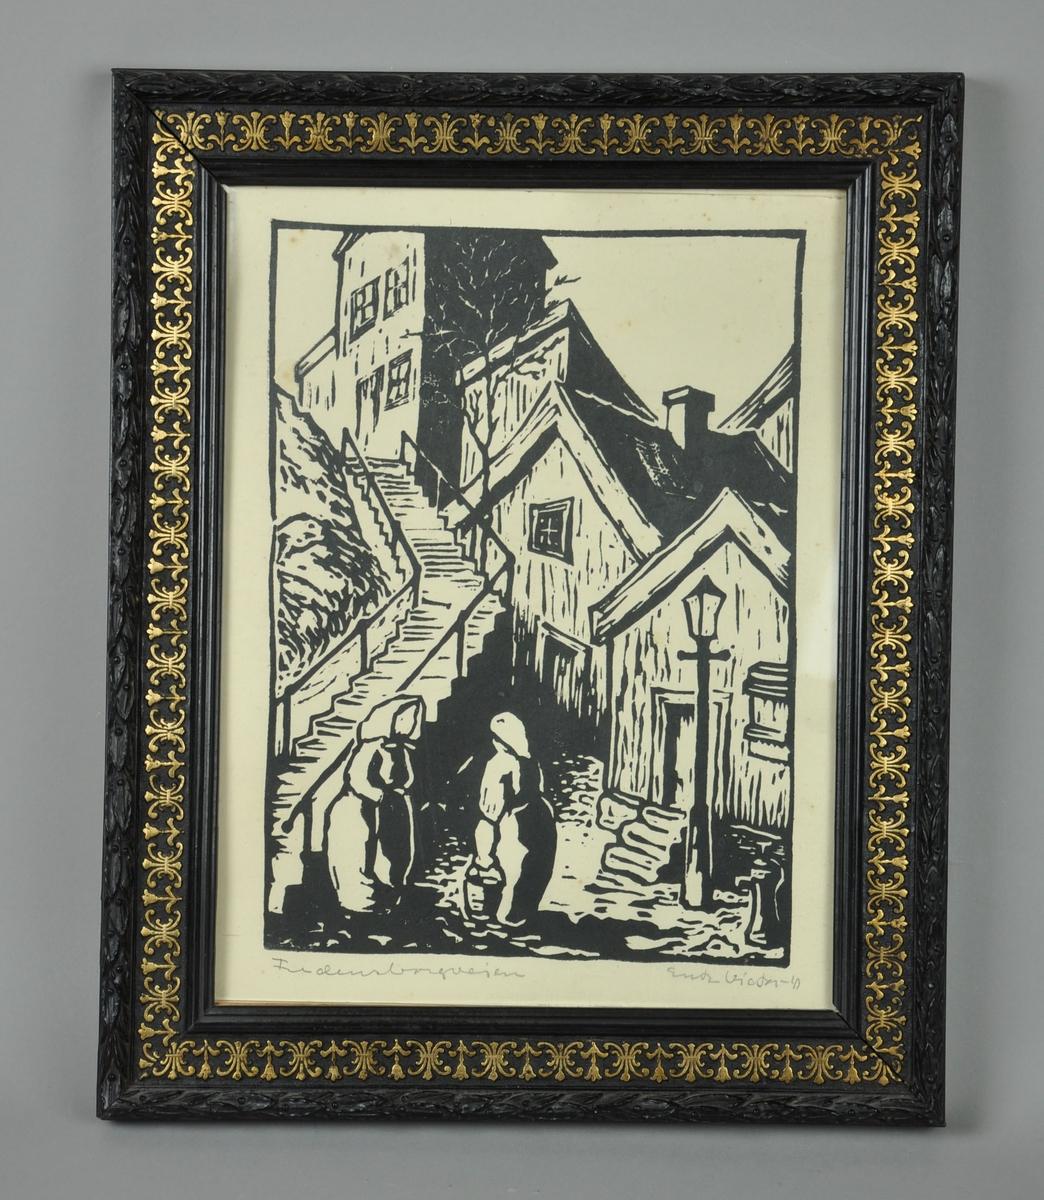 Litografisk trykk med håndlaget ramme. Rammen er svart med utskjæringer i gullfarge. Motiv av to damer i samtale i enden av en trapp. Trykket er i hvitt/svart. En metalltråd med plastomslag har blitt brukt til å henge opp bildet.